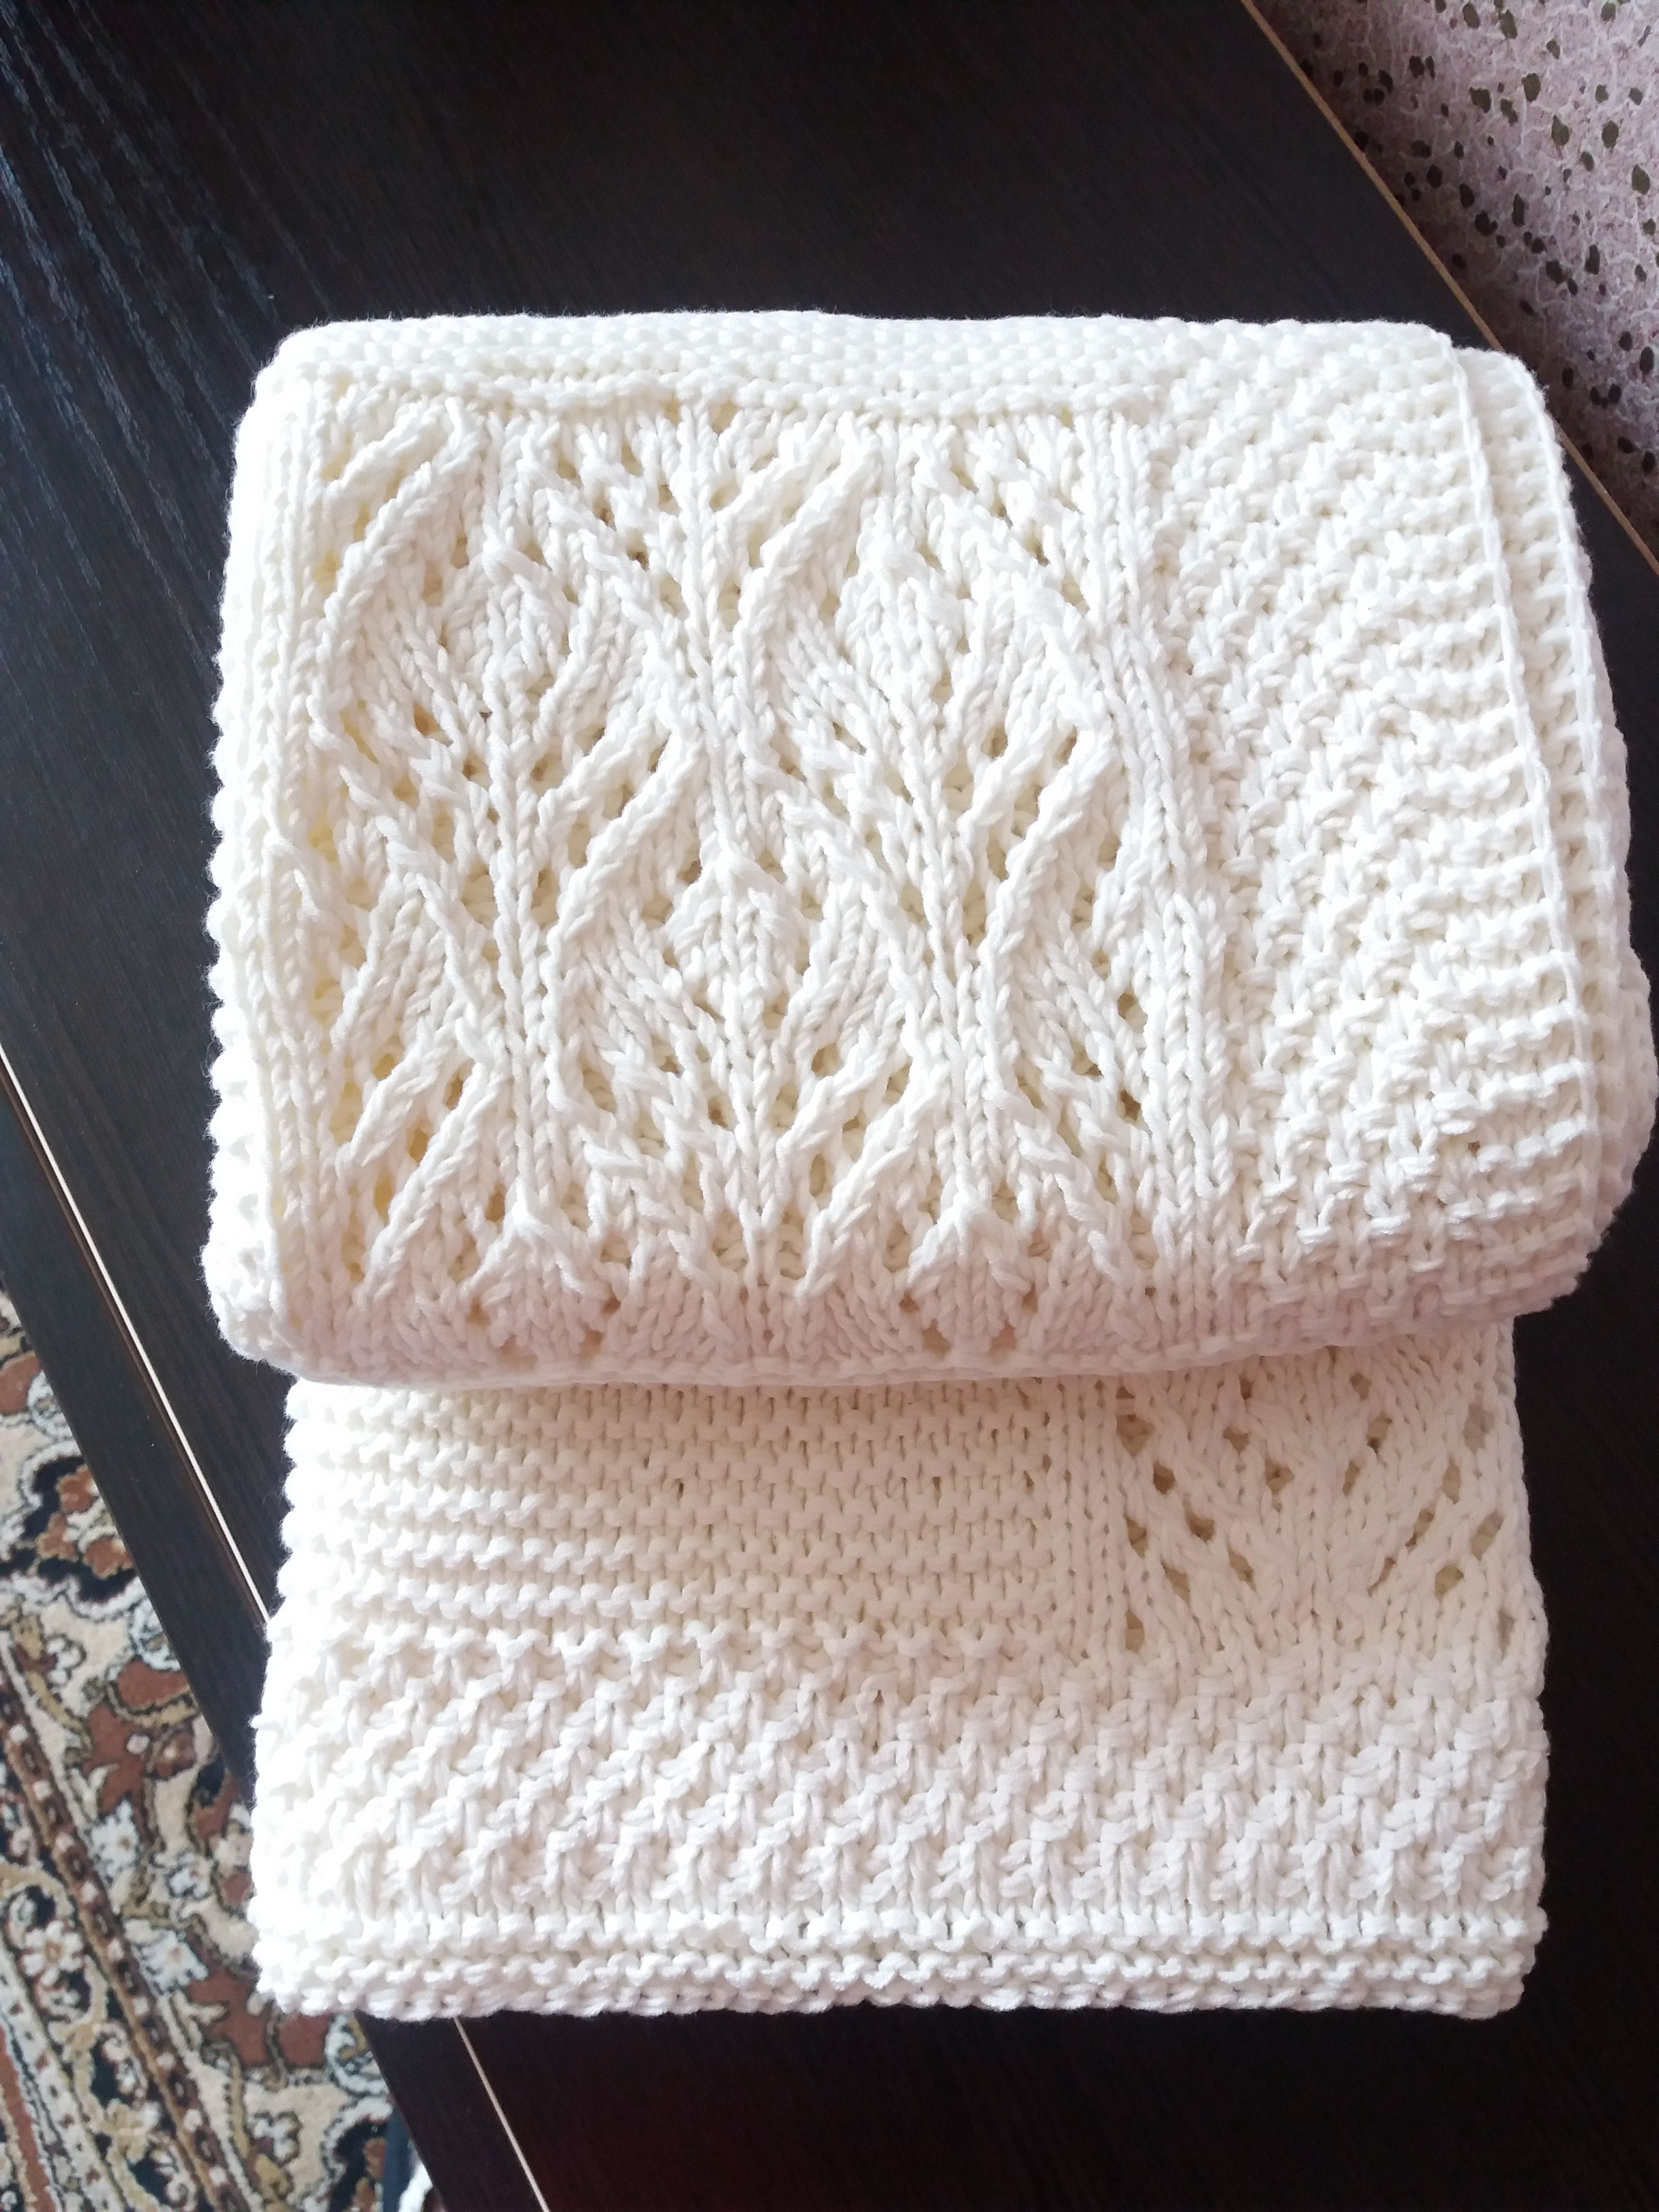 madebynika ручнаяработа handmade вязание изхлопка пледвязаный назаказ спицами новорожденным плед длядетей подзаказ